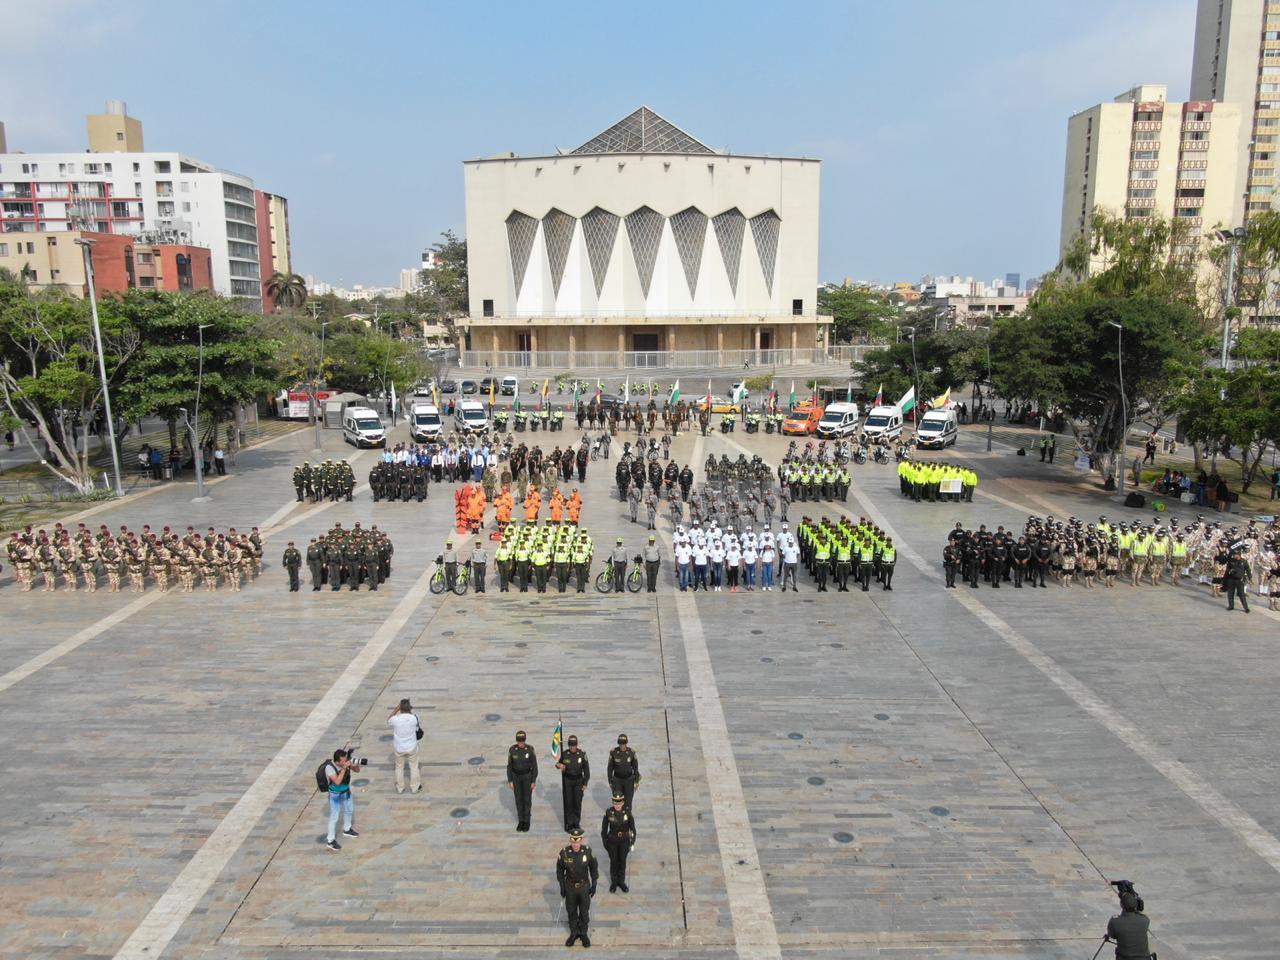 Distrito, departamento y fuerza pública articulan acciones para fortalecer seguridad en Barranquilla y su área metropolitana